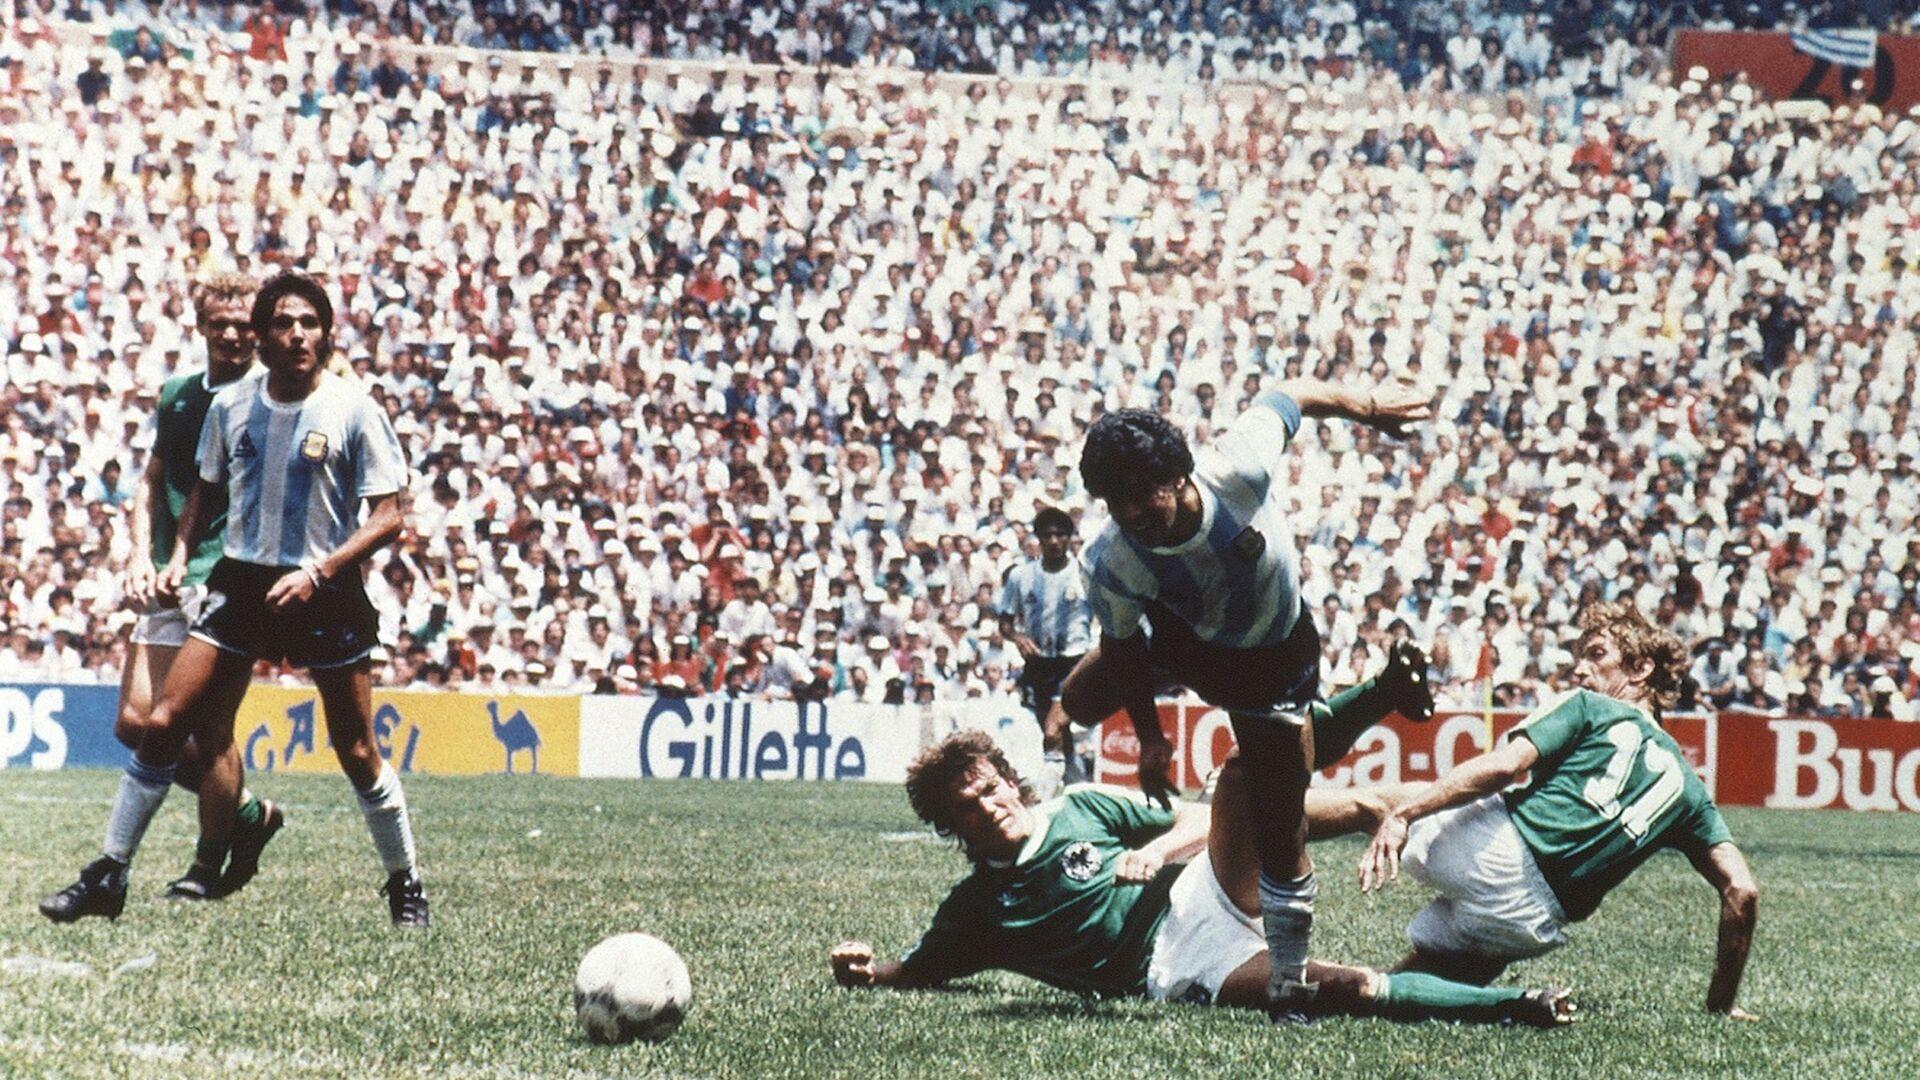 El partido de la final entre Argentina y Alemania del Oeste del Mundial de México 86 - Sputnik Mundo, 1920, 15.06.2021